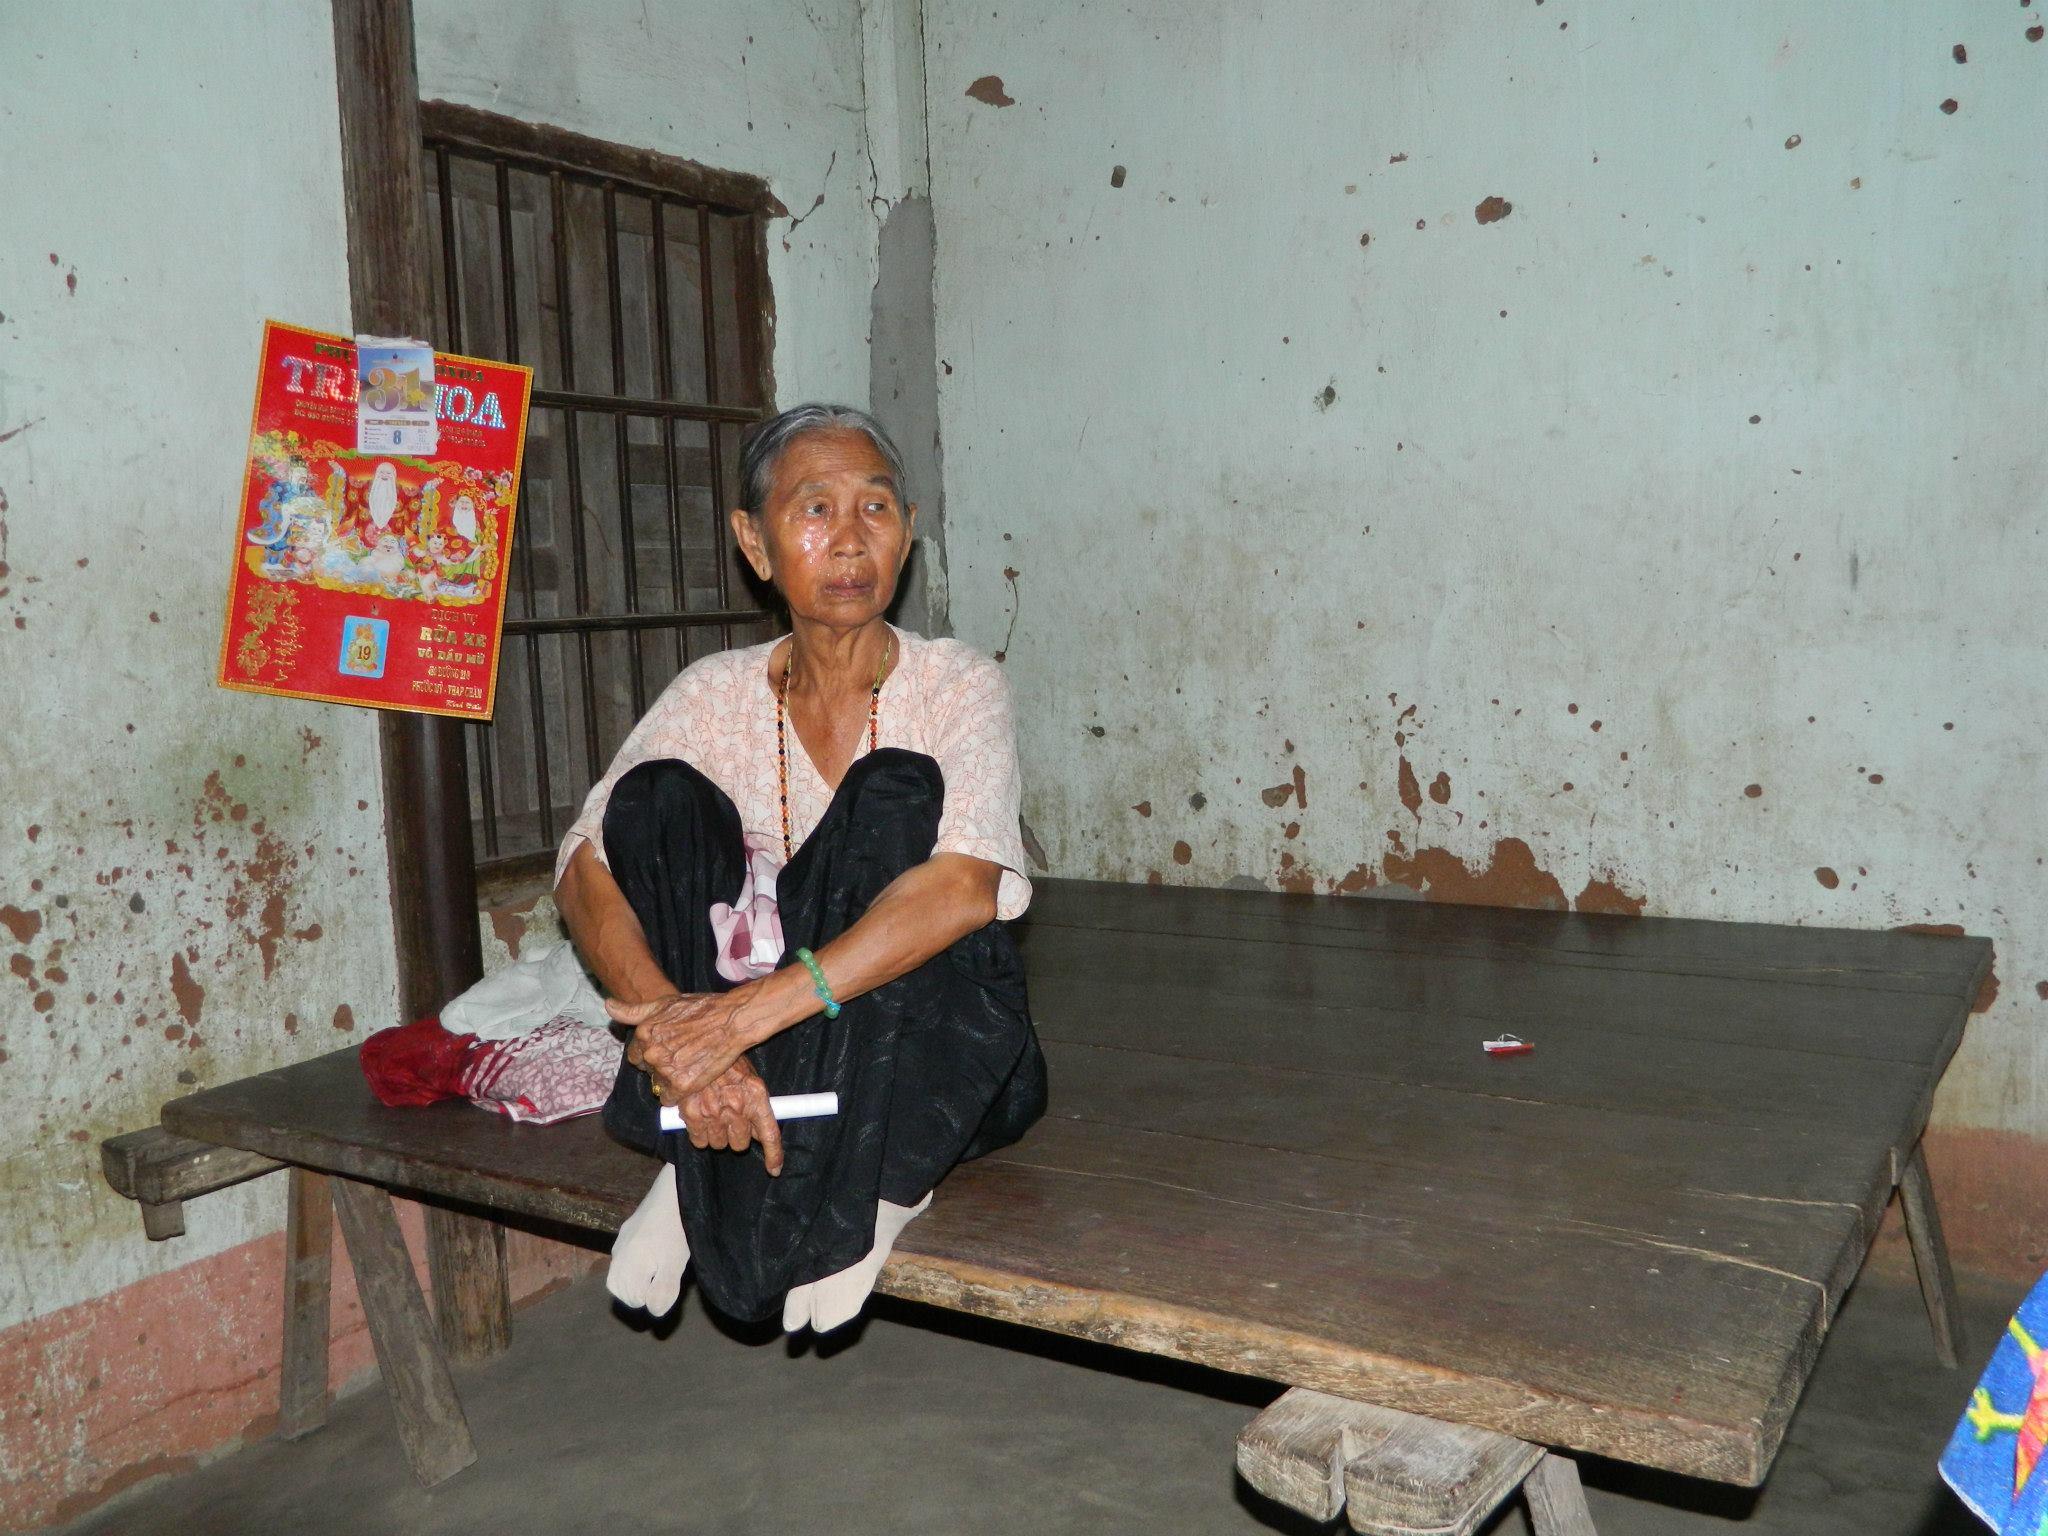 Người mẹ của chị Phú Thị Mỹ Thầm cũng mang trên mình căn bệnh viêm da mãn tính không có tiền đi khám và điều trị.